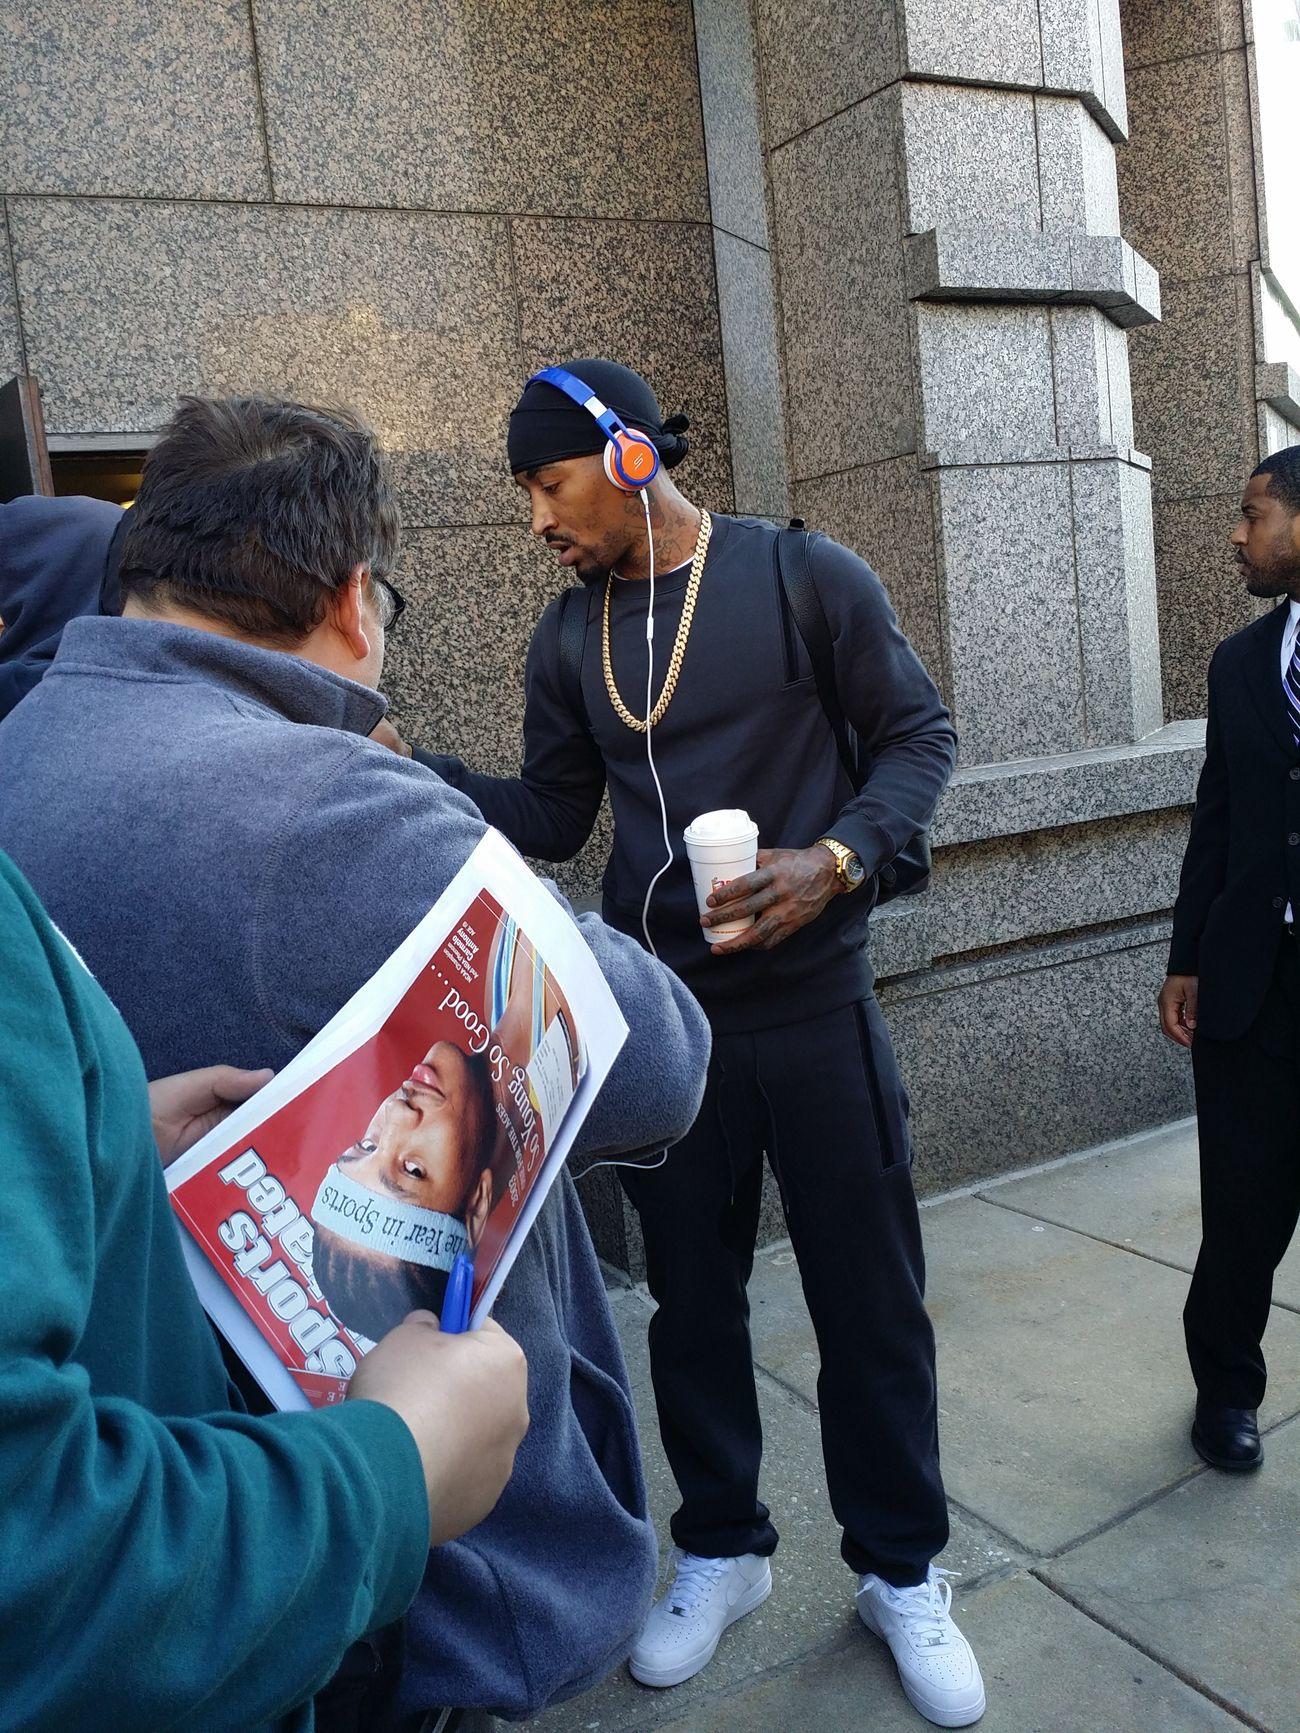 NyKnicks Jrsmith 215 Philly